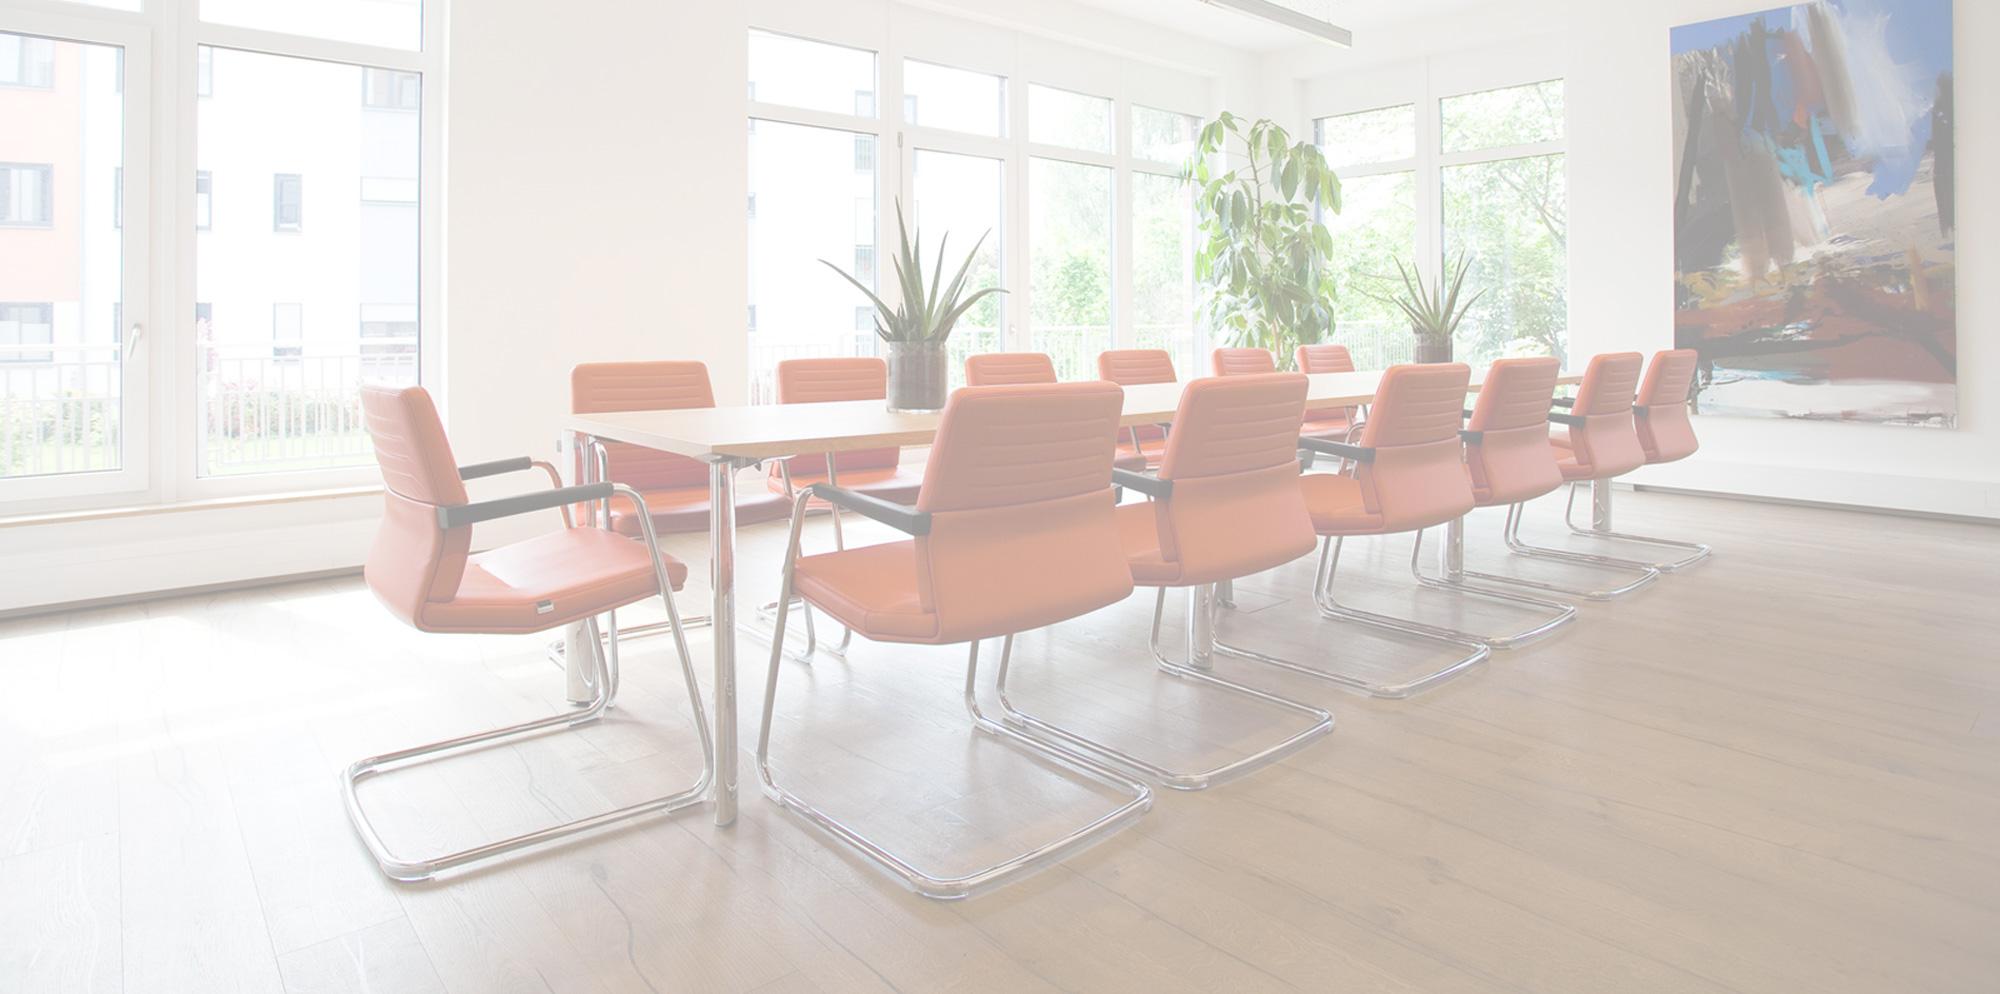 slider kontakt 2 grau anh ck kellner massivhaus gmbh. Black Bedroom Furniture Sets. Home Design Ideas